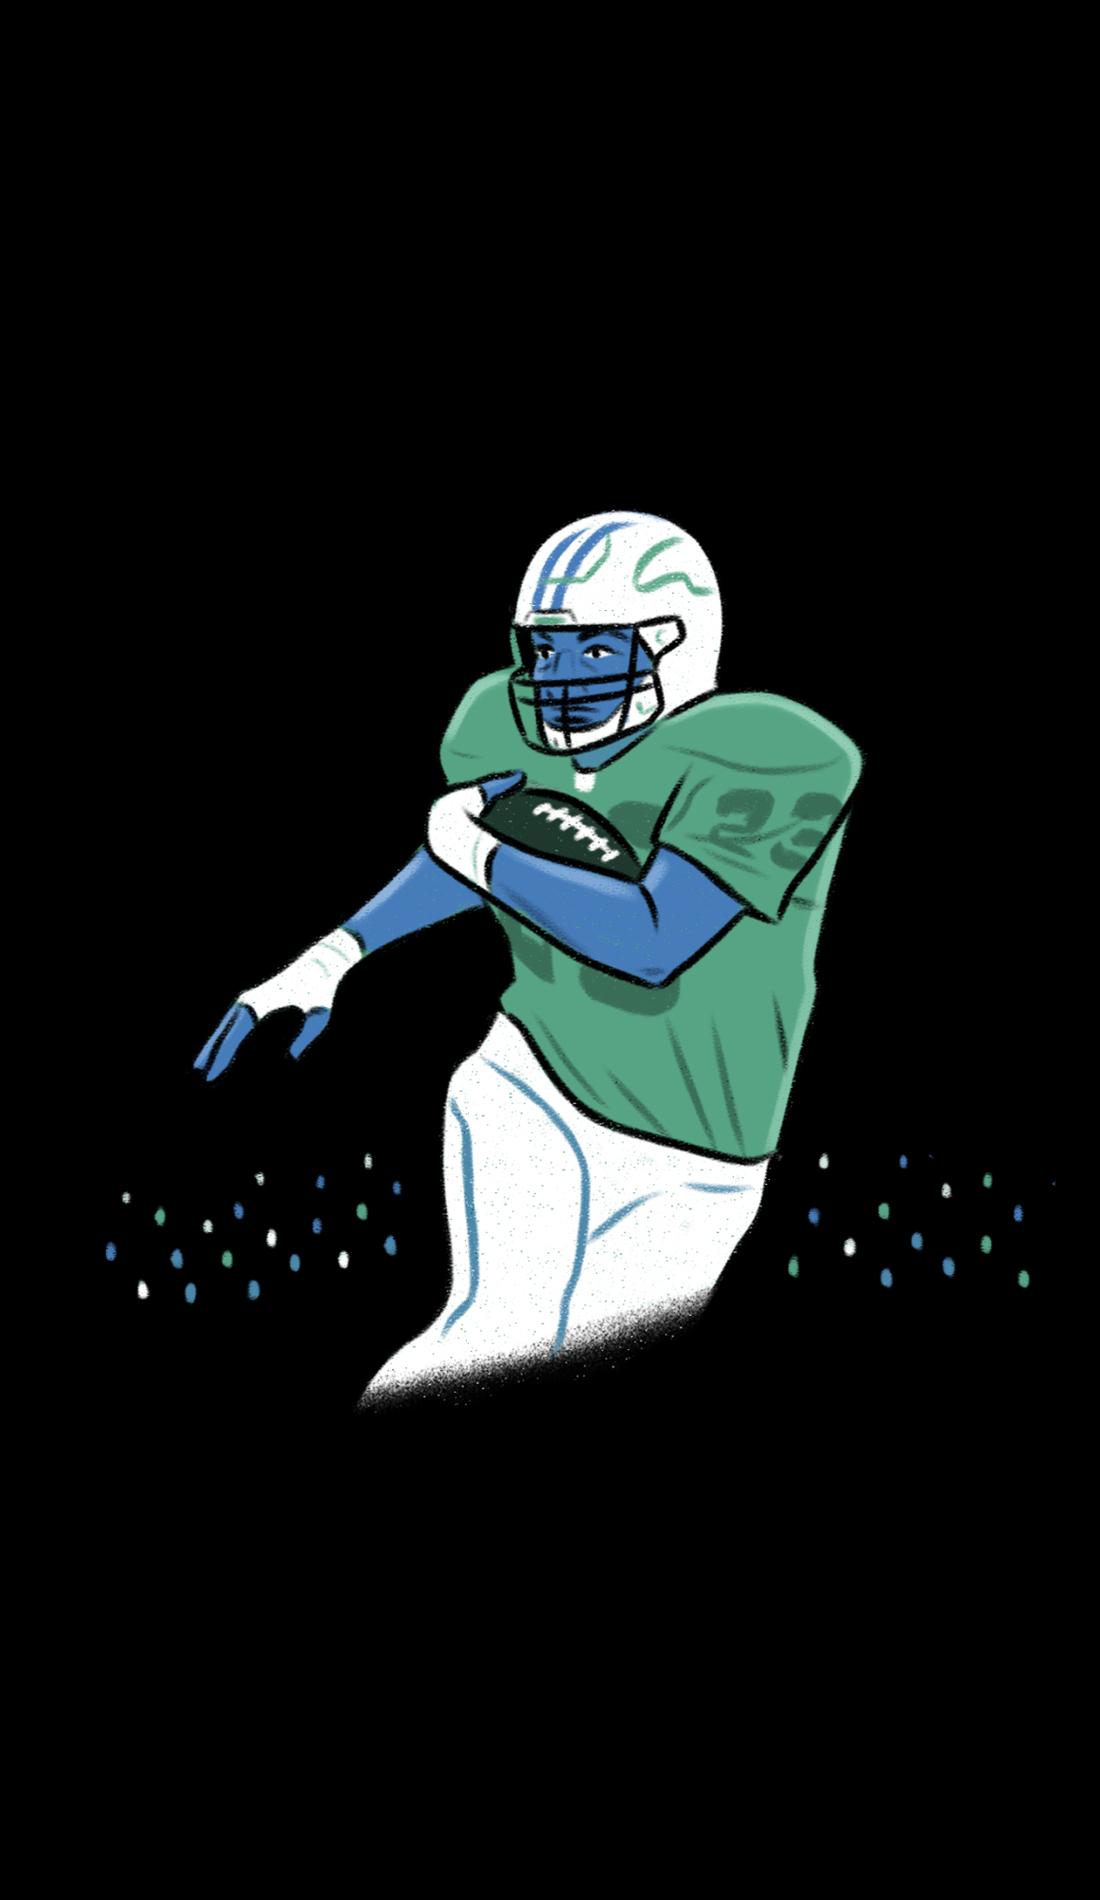 A South Dakota Coyotes Football live event